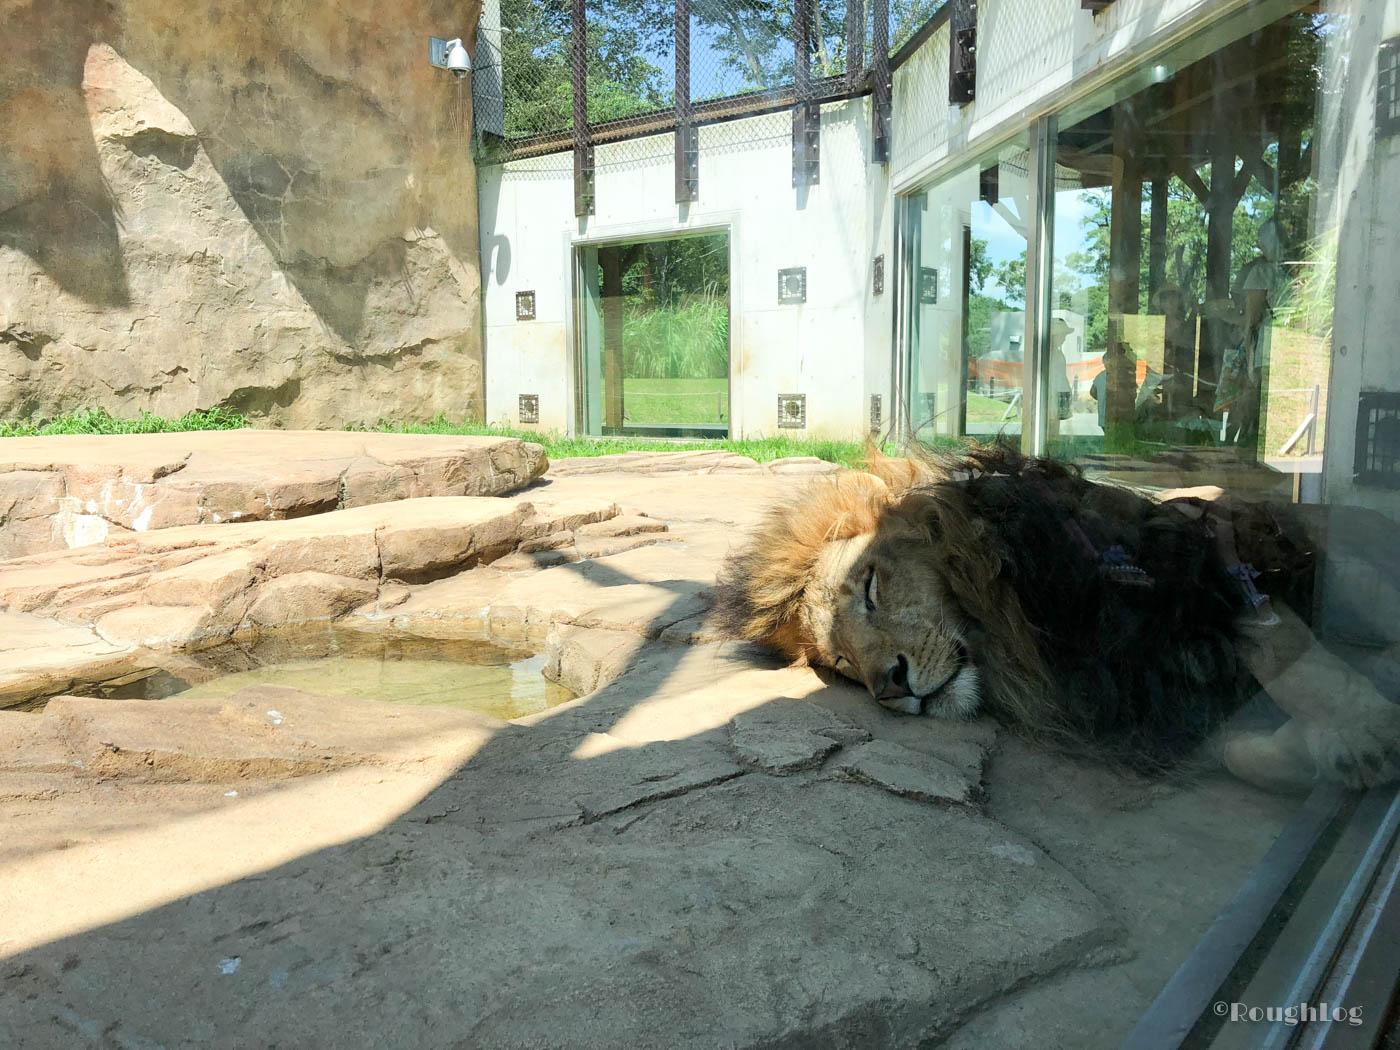 千葉市動物公園のライオン展示場